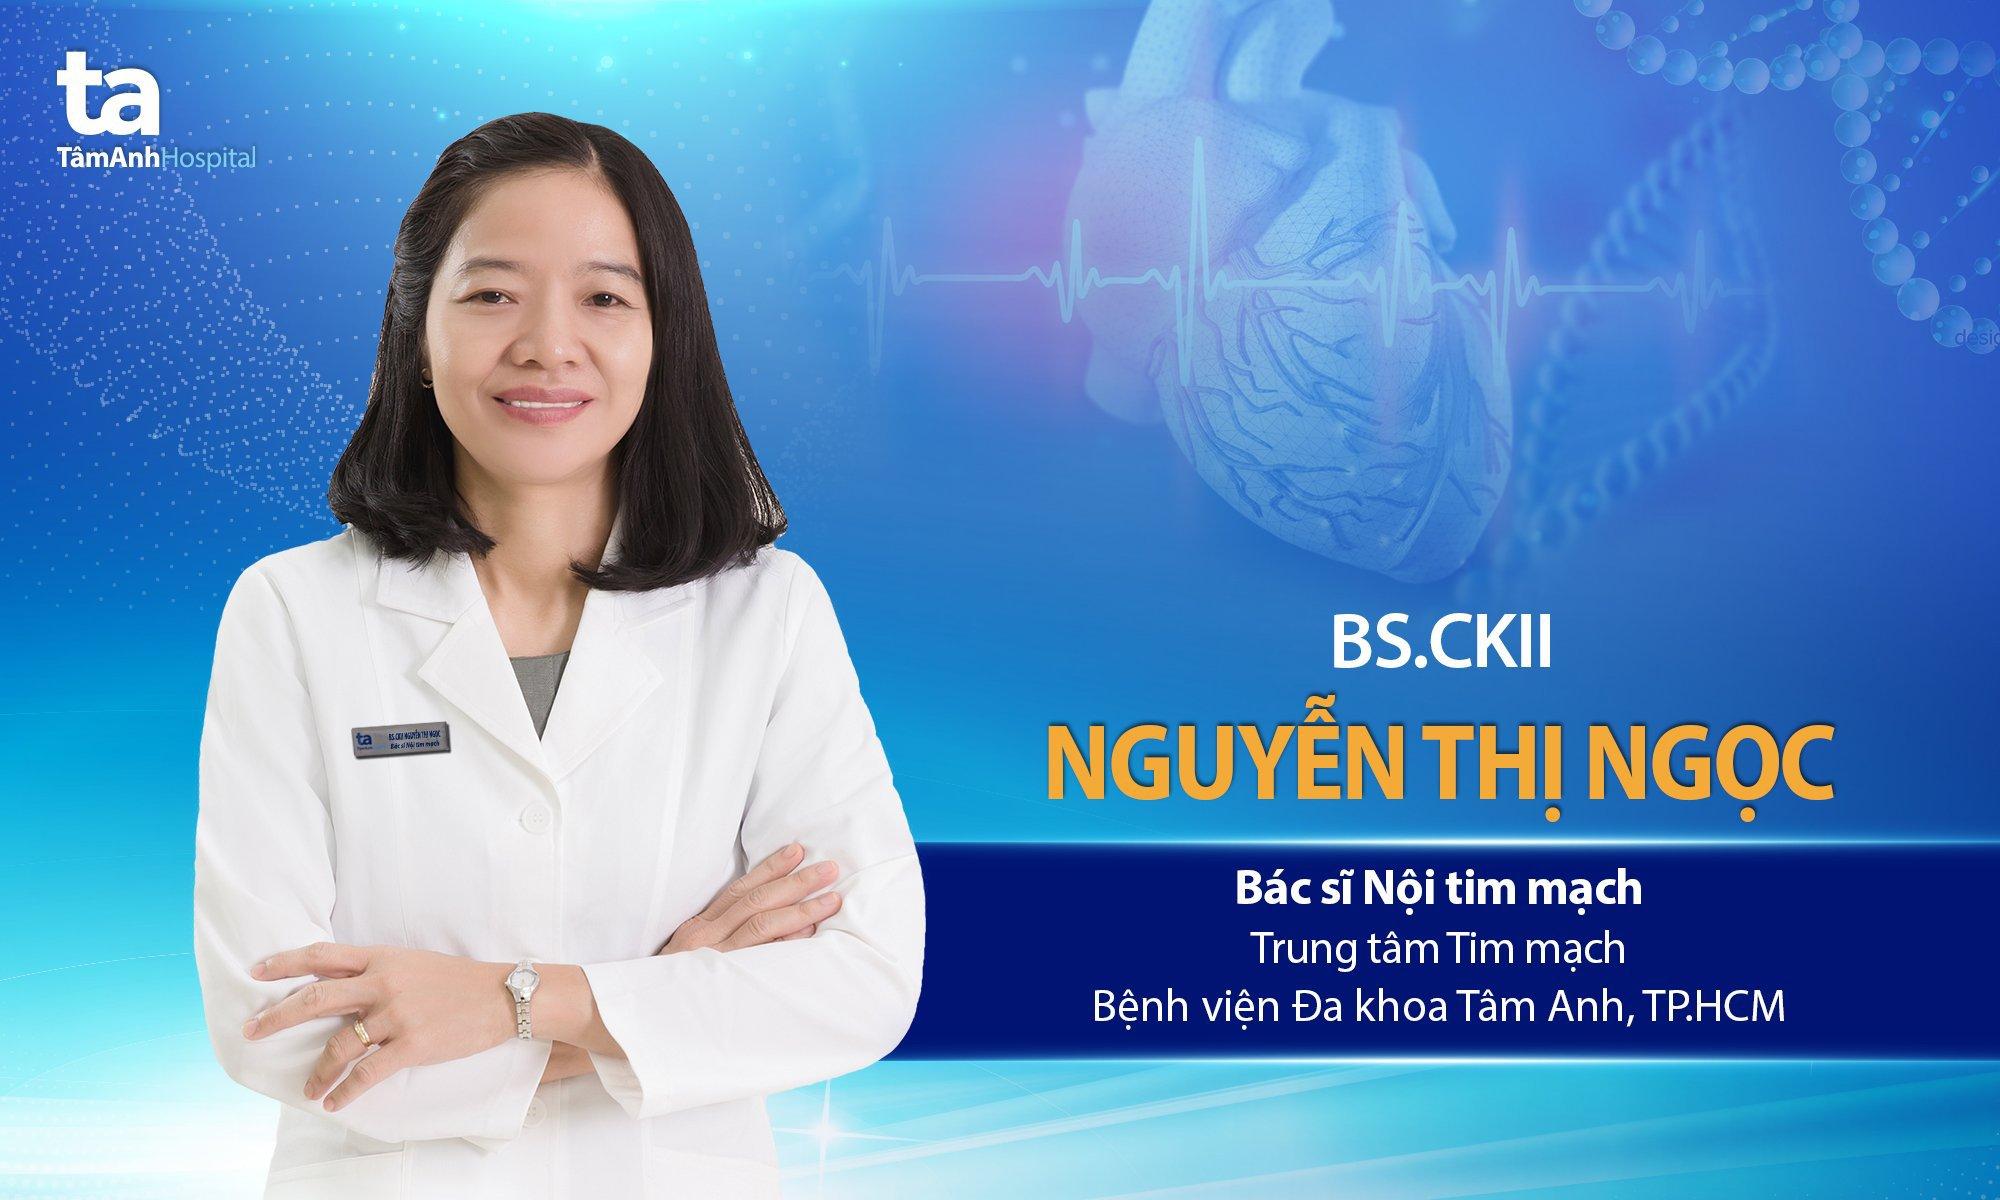 BS.CKII Nguyễn Thị Ngọc